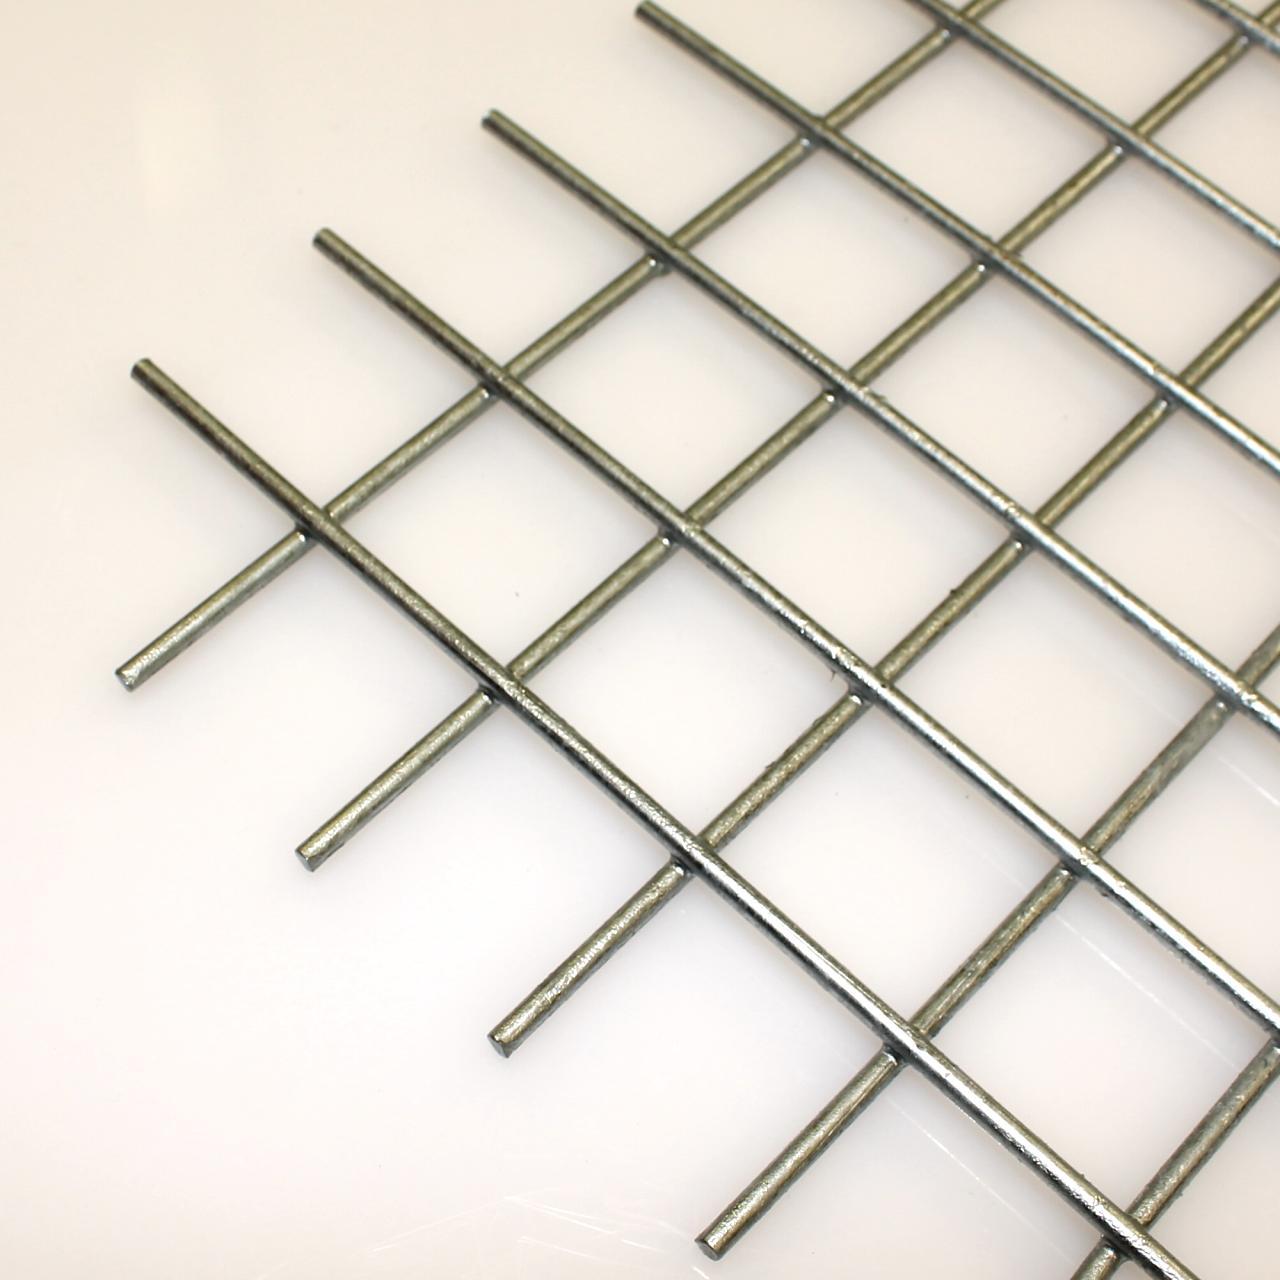 Gitter-Platten für Metallbearbeitung günstig kaufen   eBay